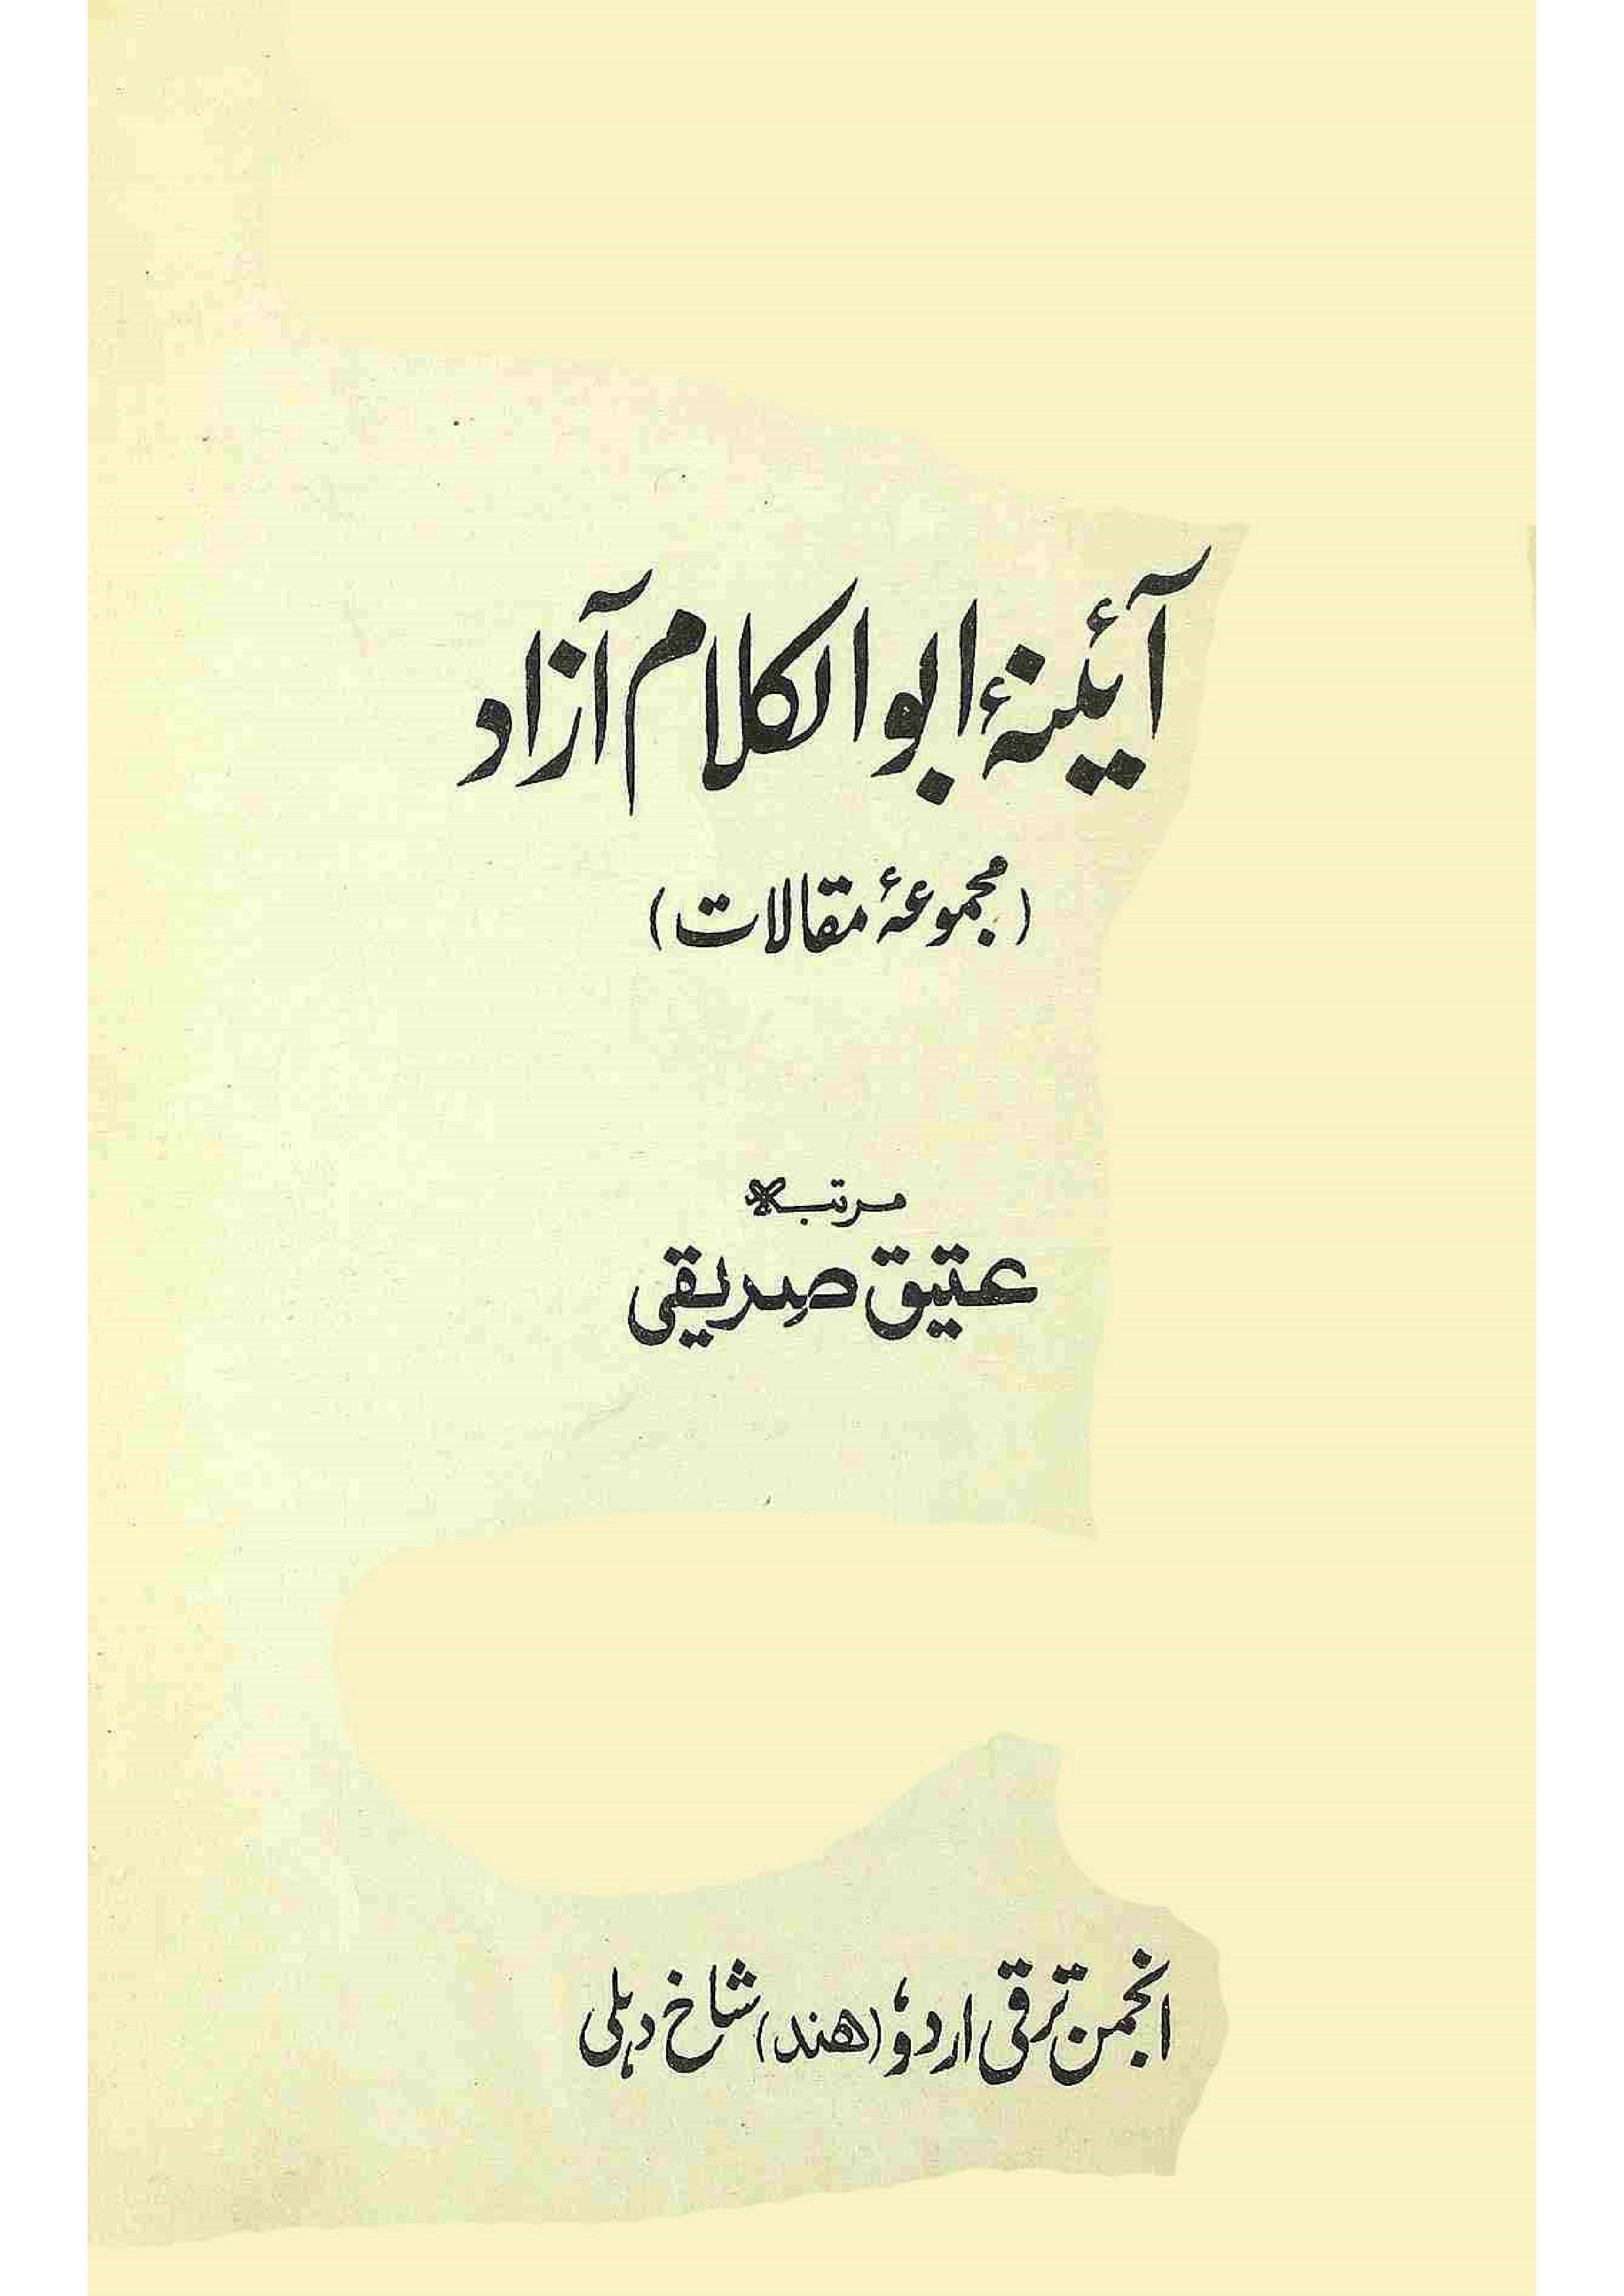 Aaina-e-Abul Kalam Aazad     Majmua-e-Maqalat